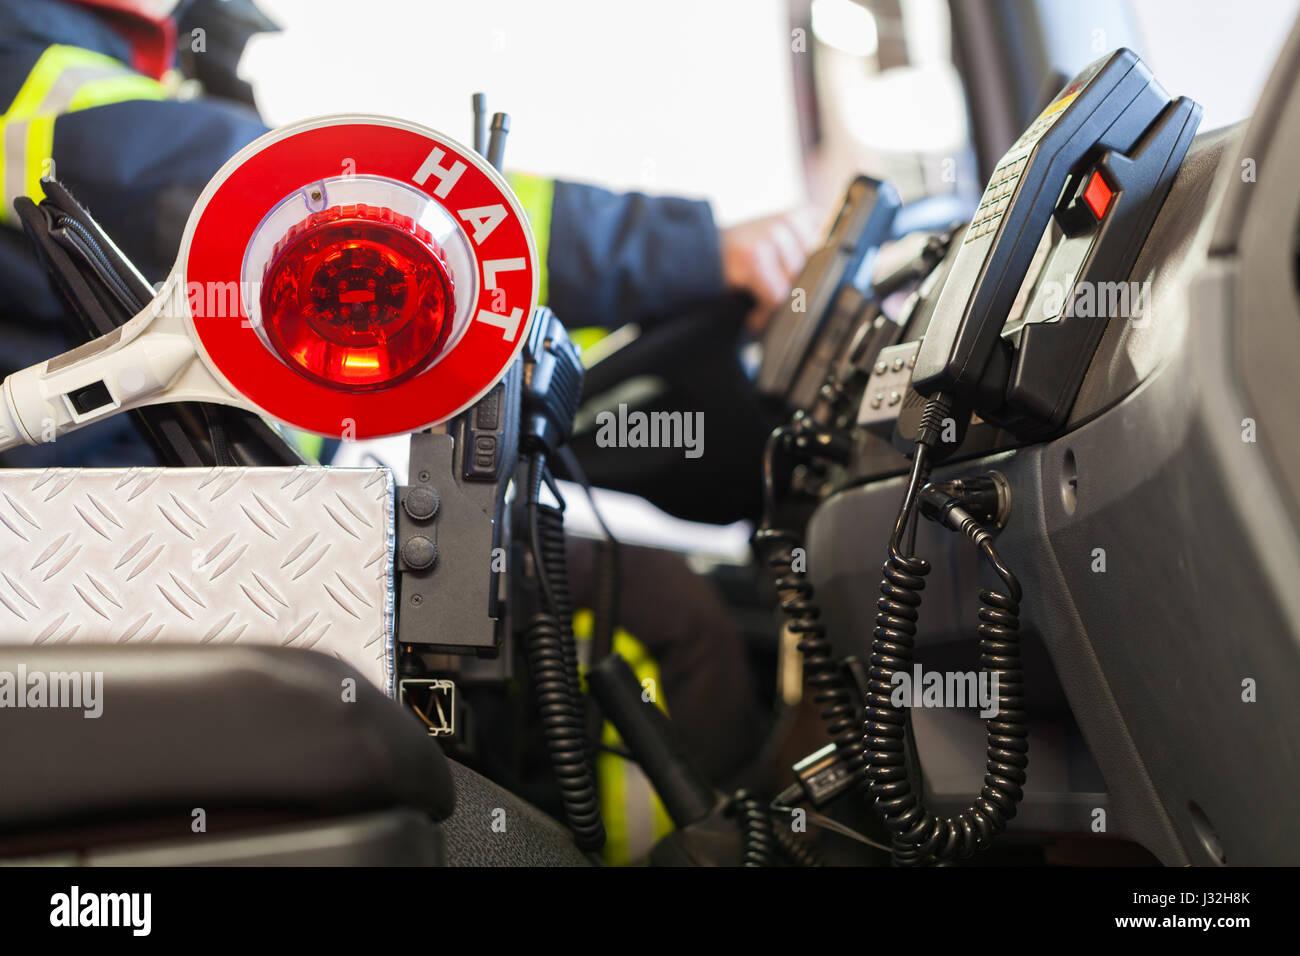 El bombero conduce un vehículo de emergencia con la comunicación vista interior y llana Imagen De Stock